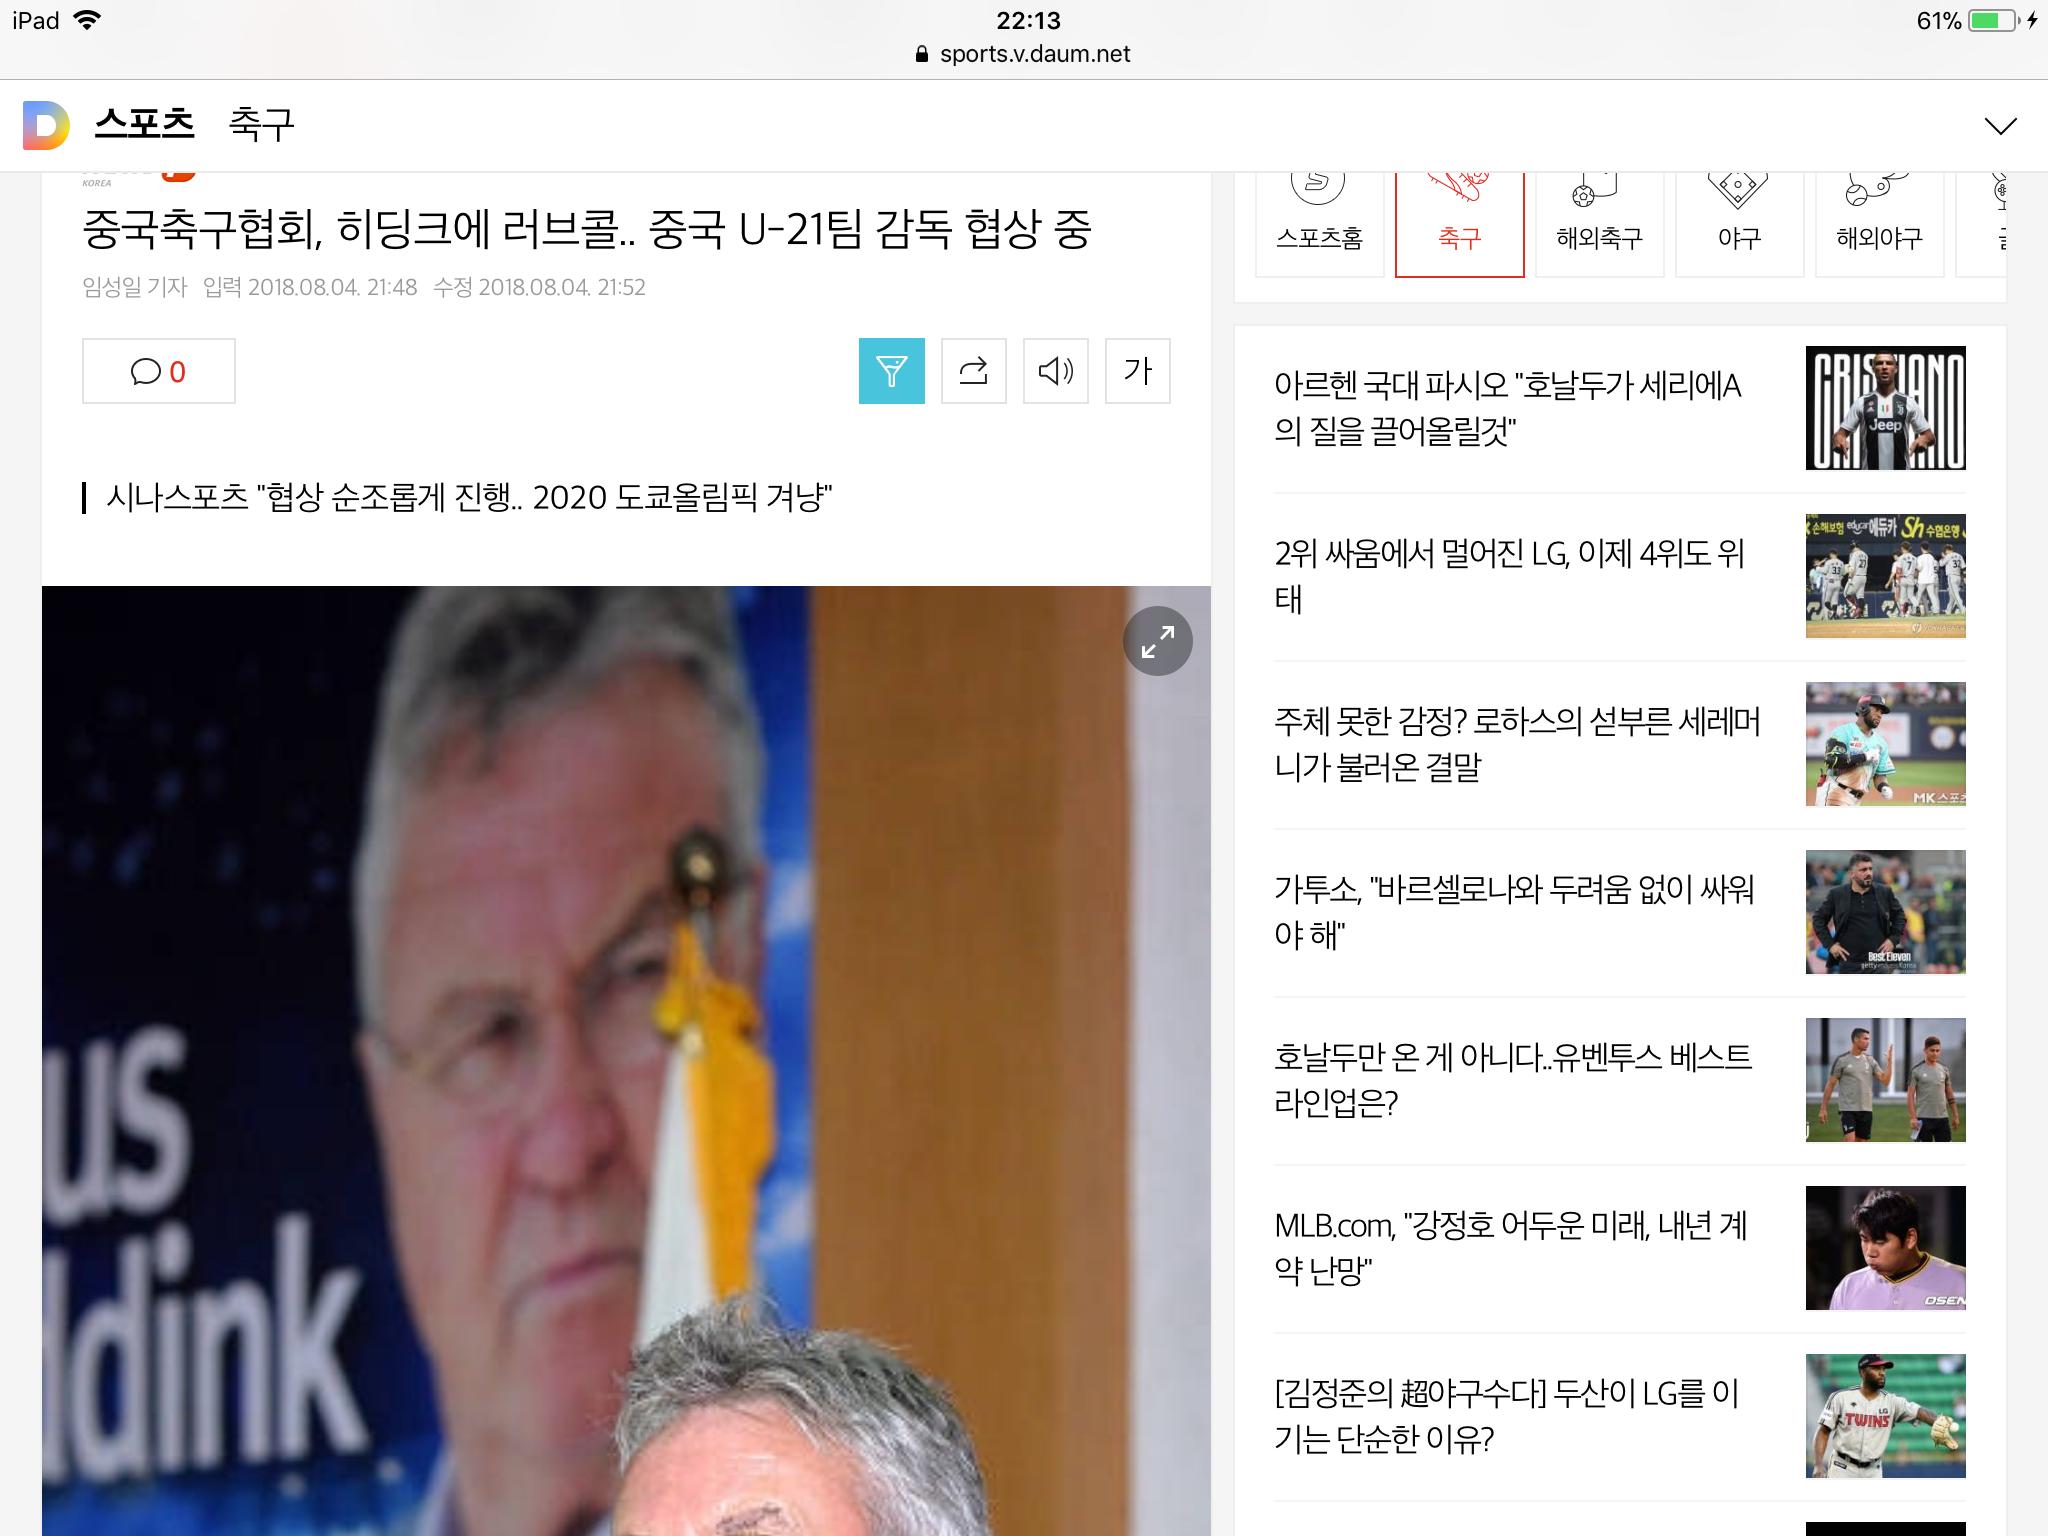 韩媒关注希丁克执教中国U21讽训练模式或水土不服